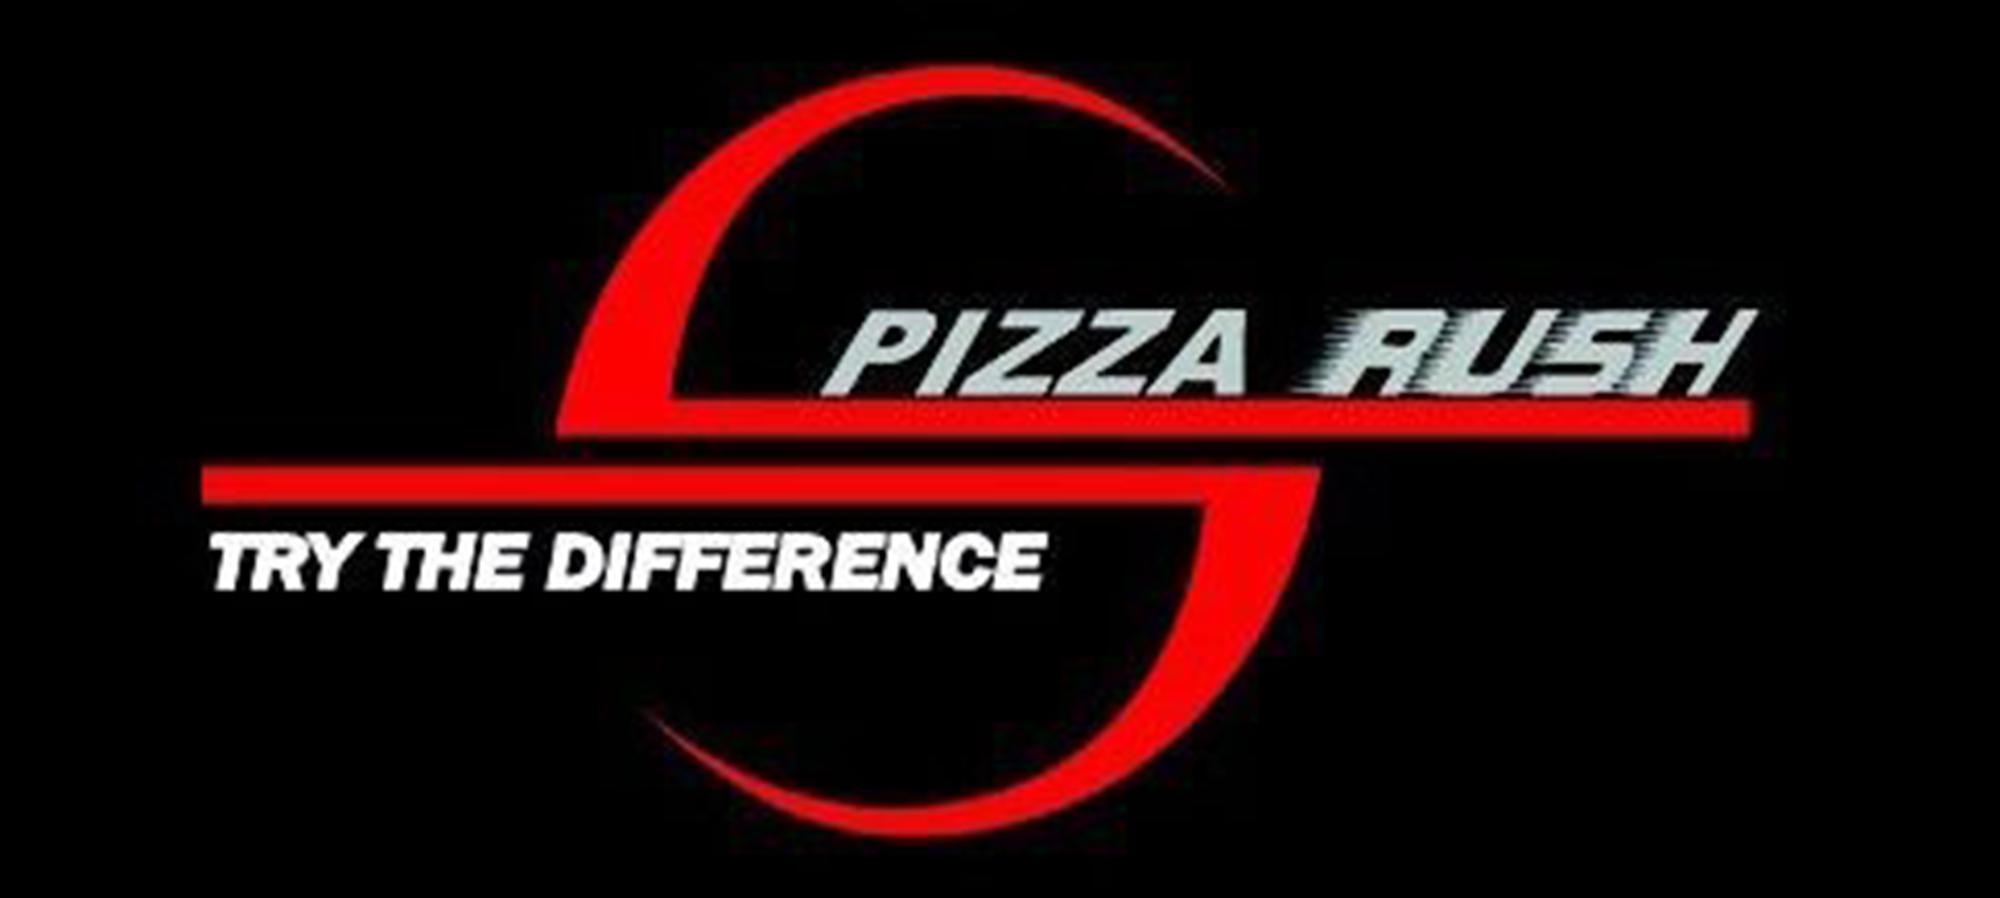 Pizza Rush Takeaway Reviews Ratings